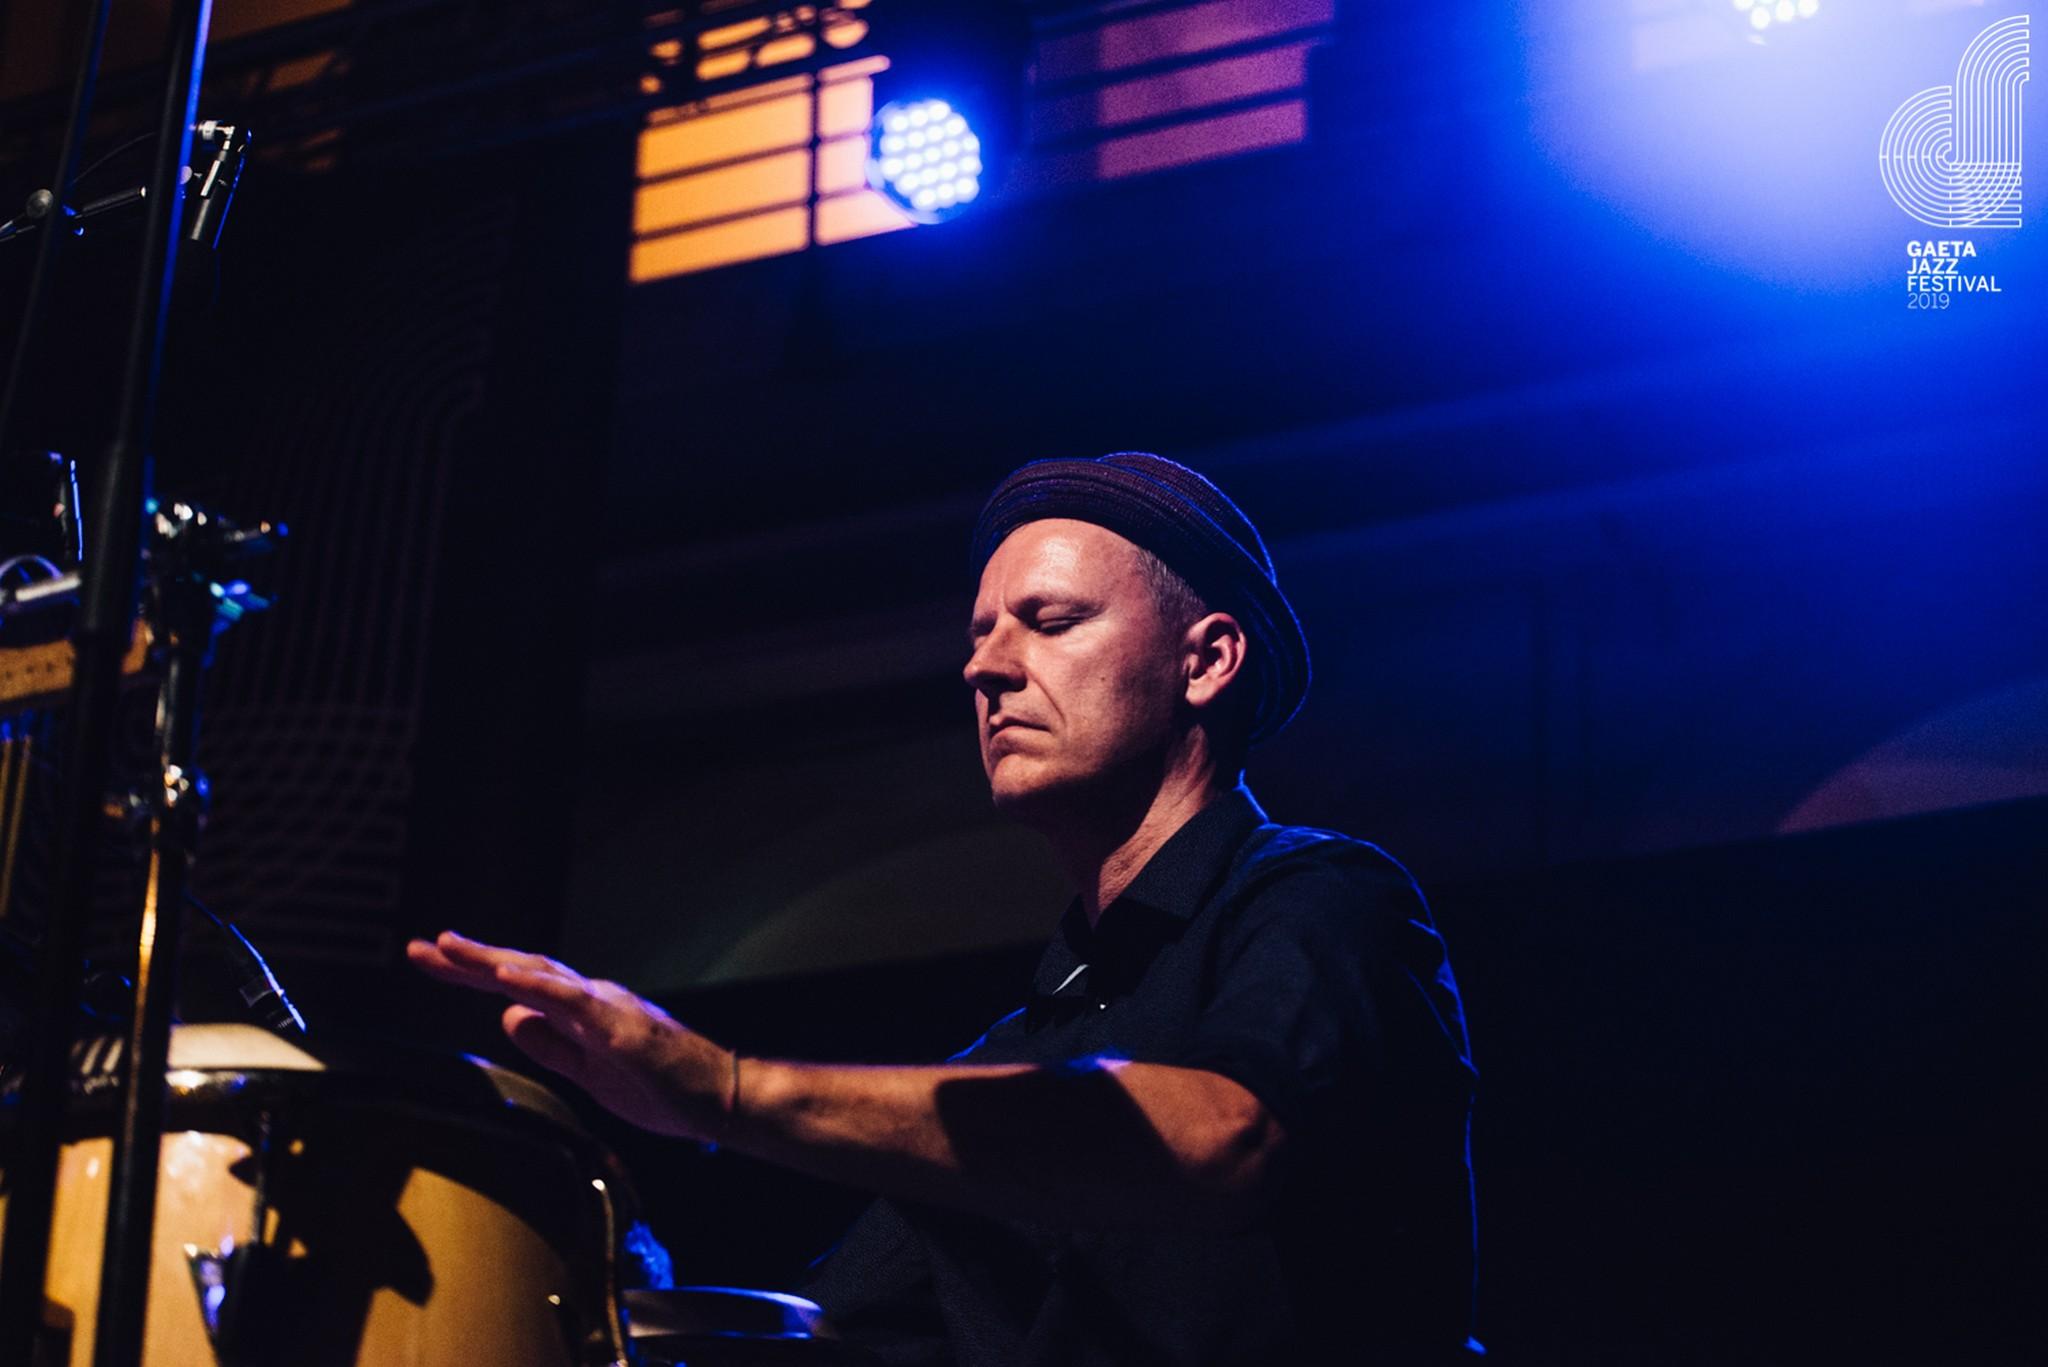 Flavia_Fiengo_Gaeta_Jazz_Festival_live_2019__00060